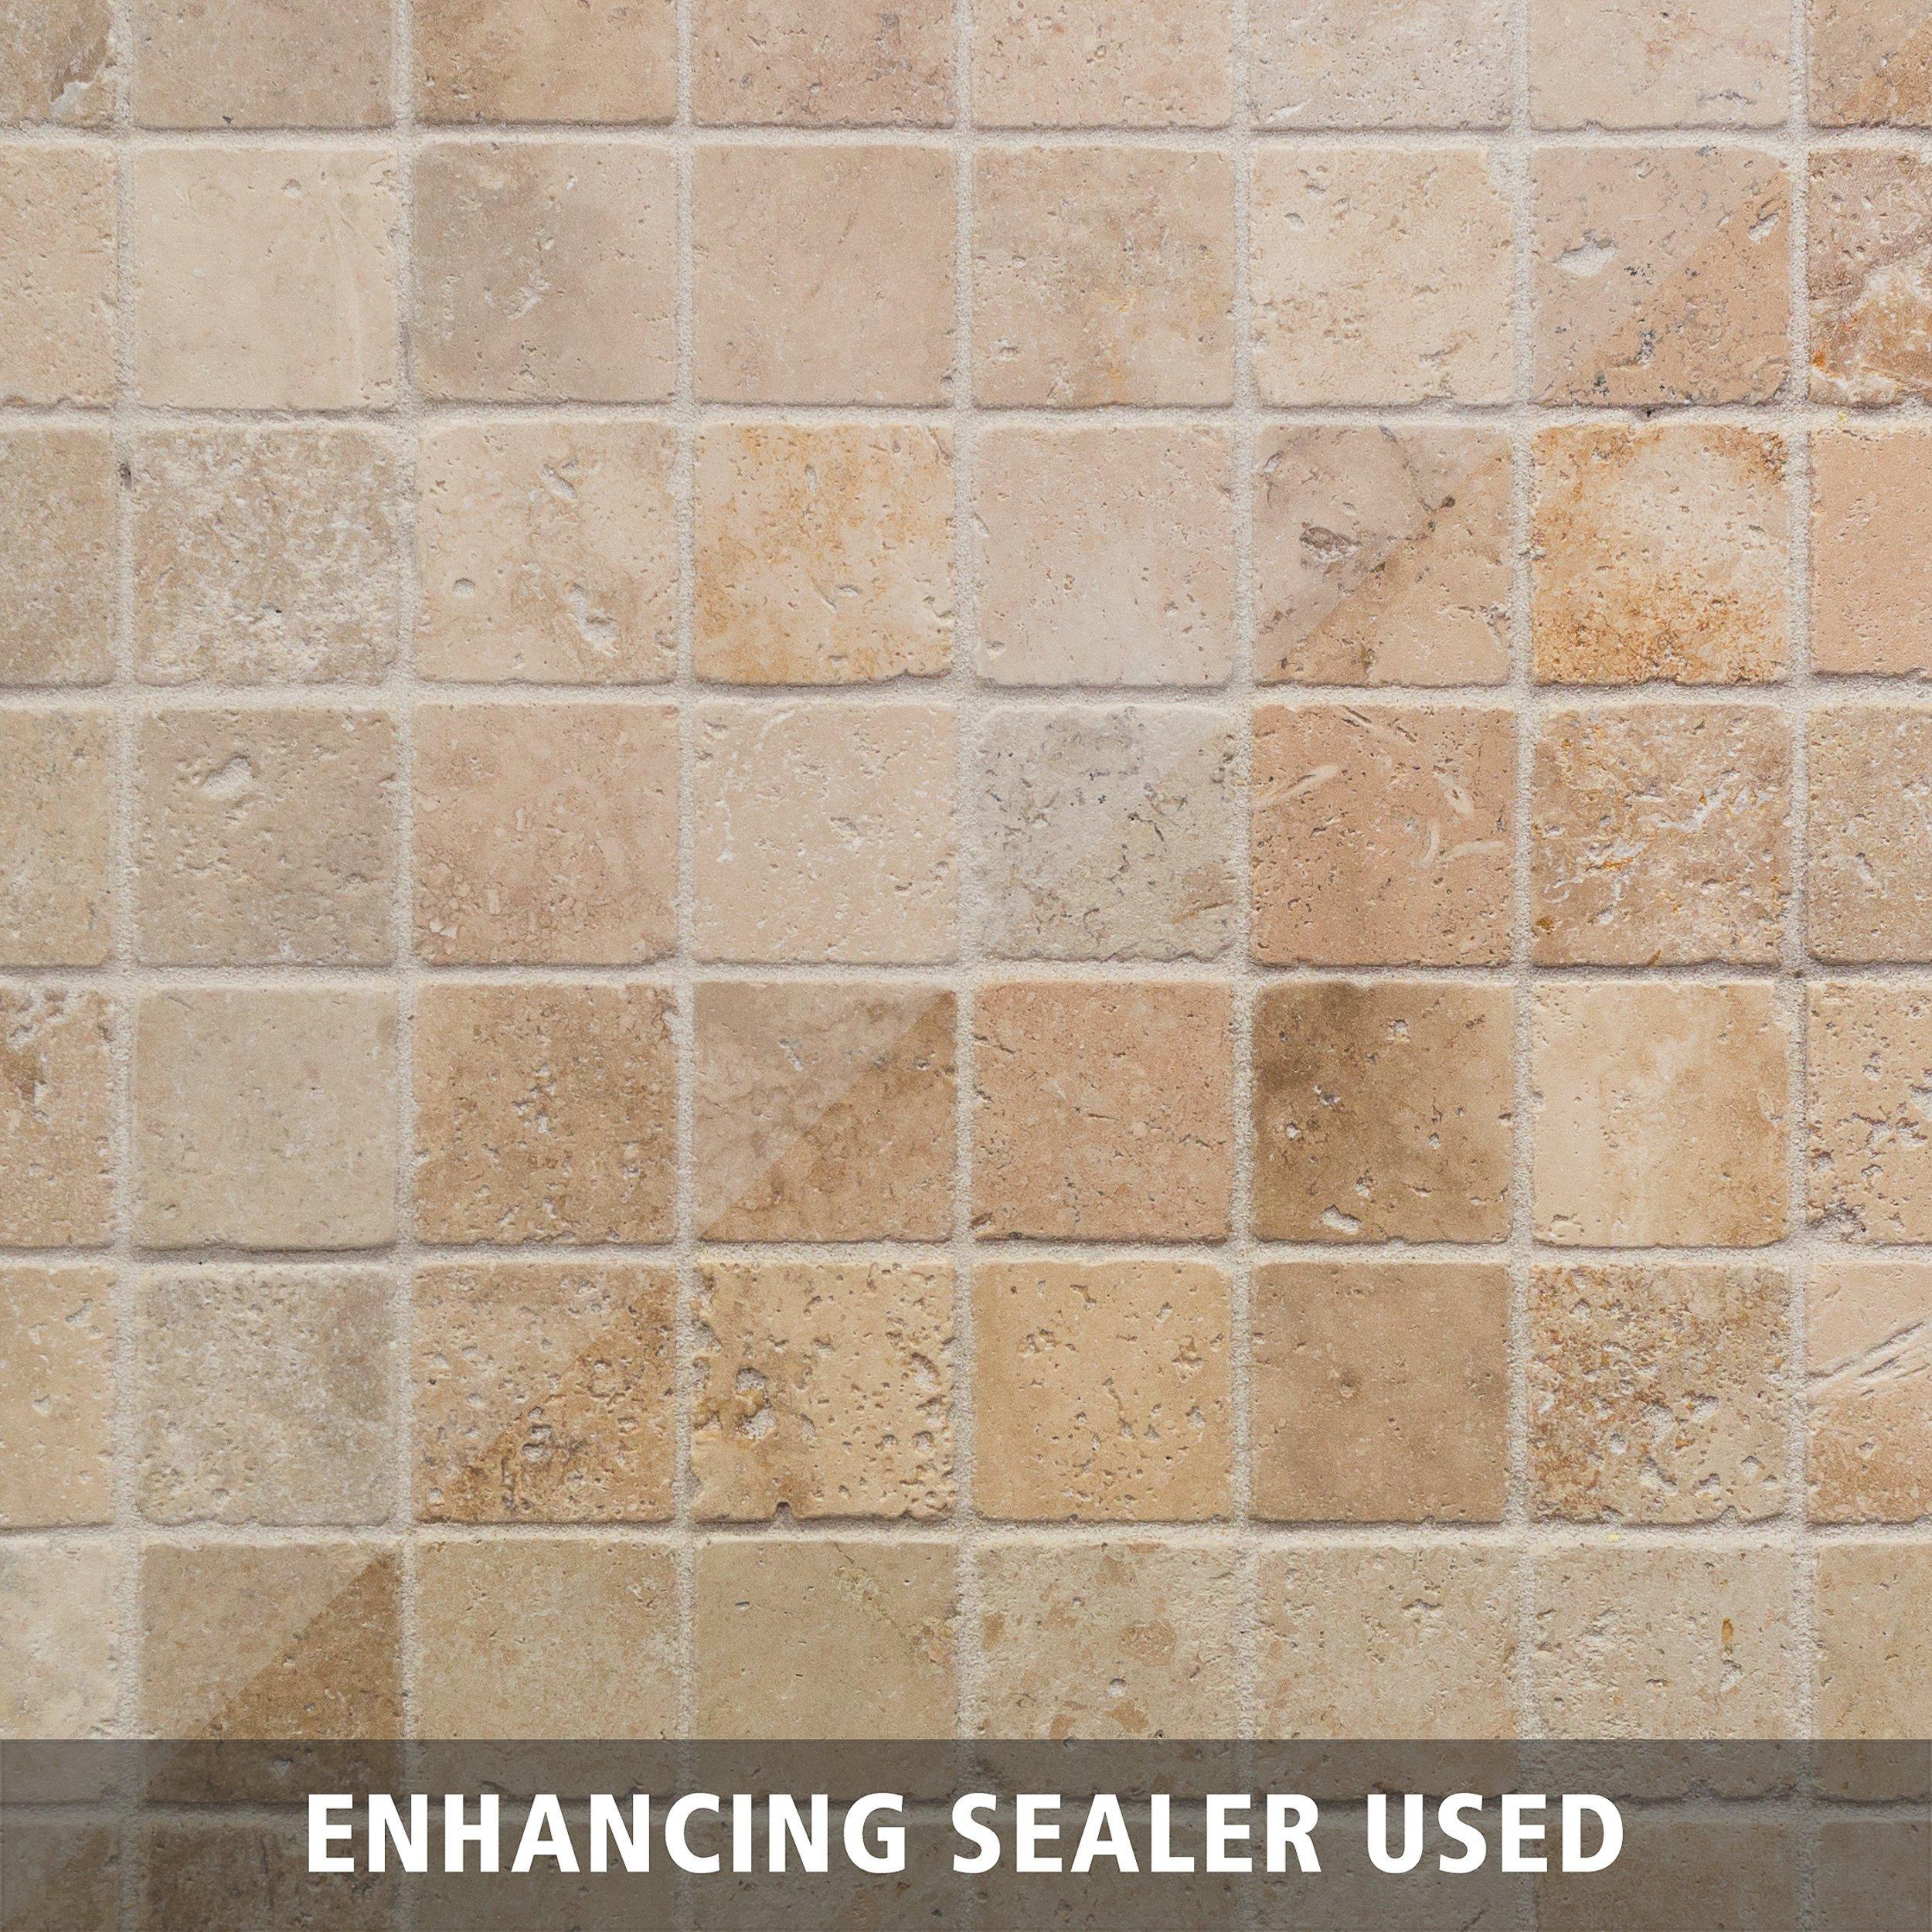 Country Beige Travertine Mosaic Floor Decor Mosaic Flooring Floor Decor Kitchen Design Diy